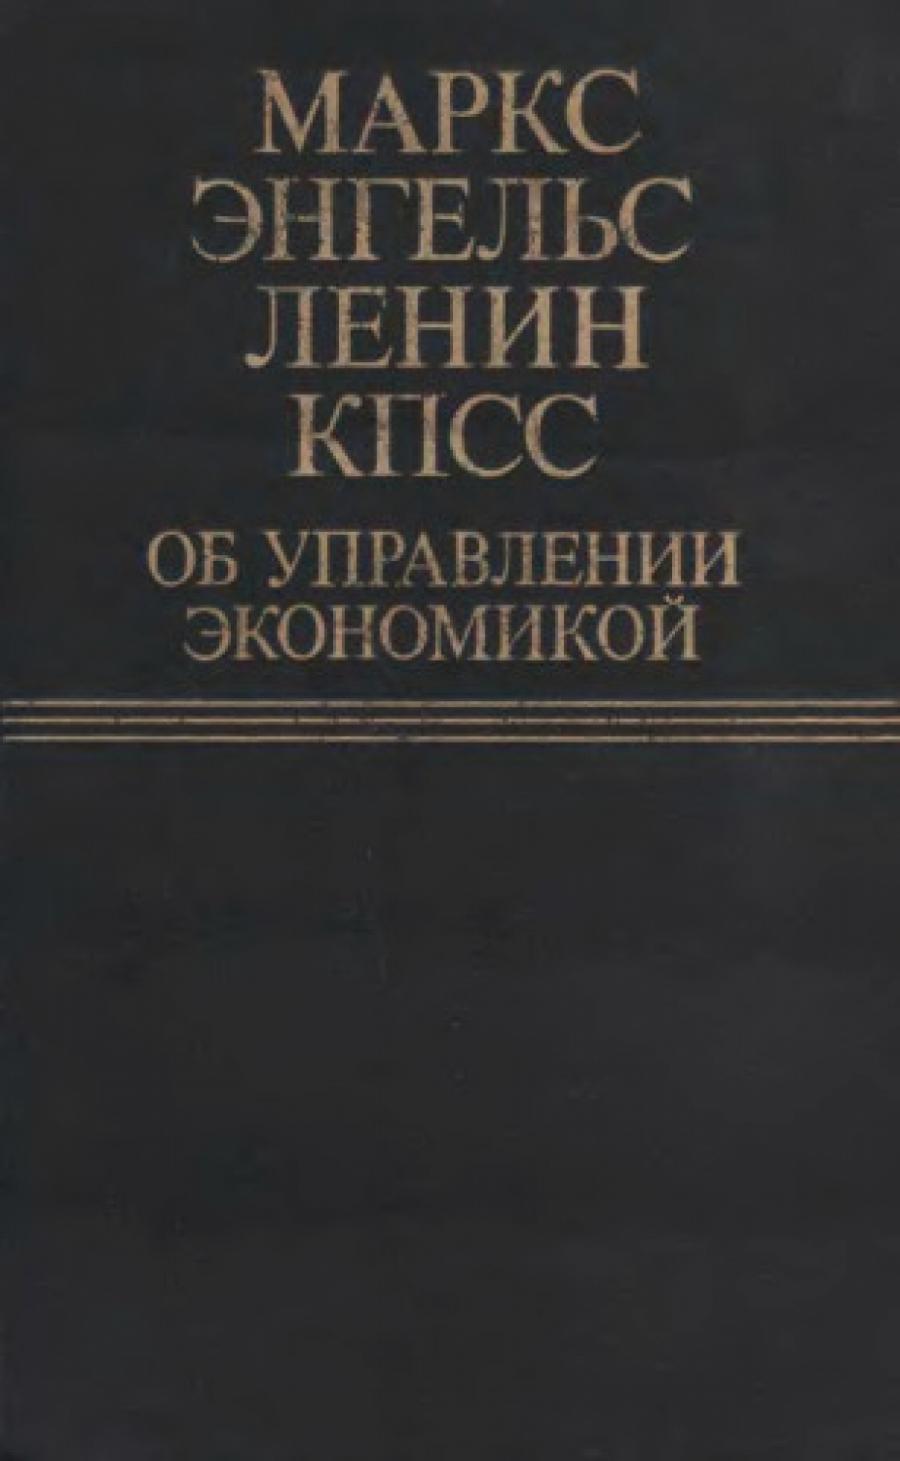 Обложка книги:  джавадов г.а. и др - маркс, энгельс, ленин, кпсс об управлении экономикой